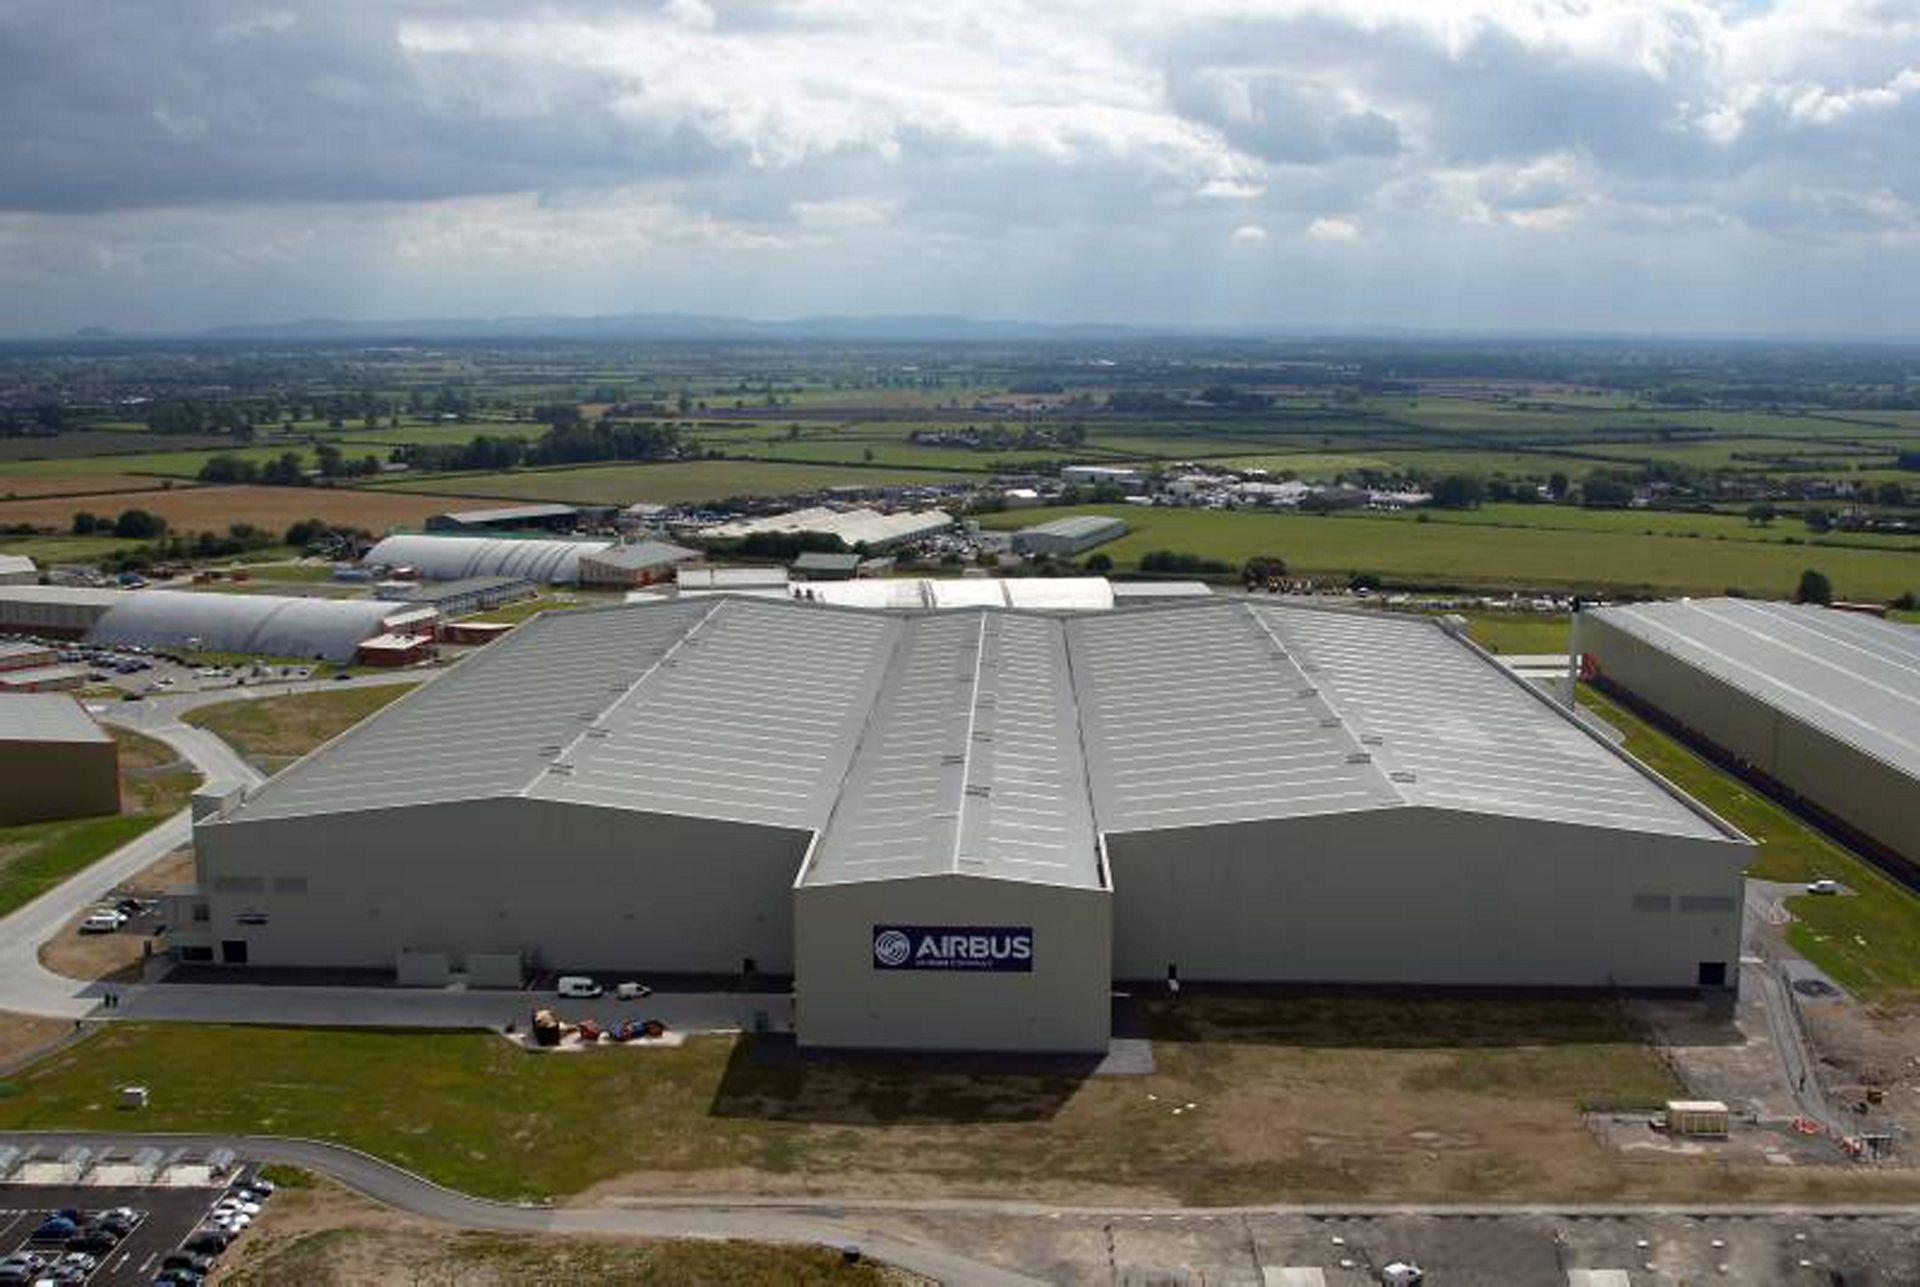 Resultado de imagen para Airbus factory UK